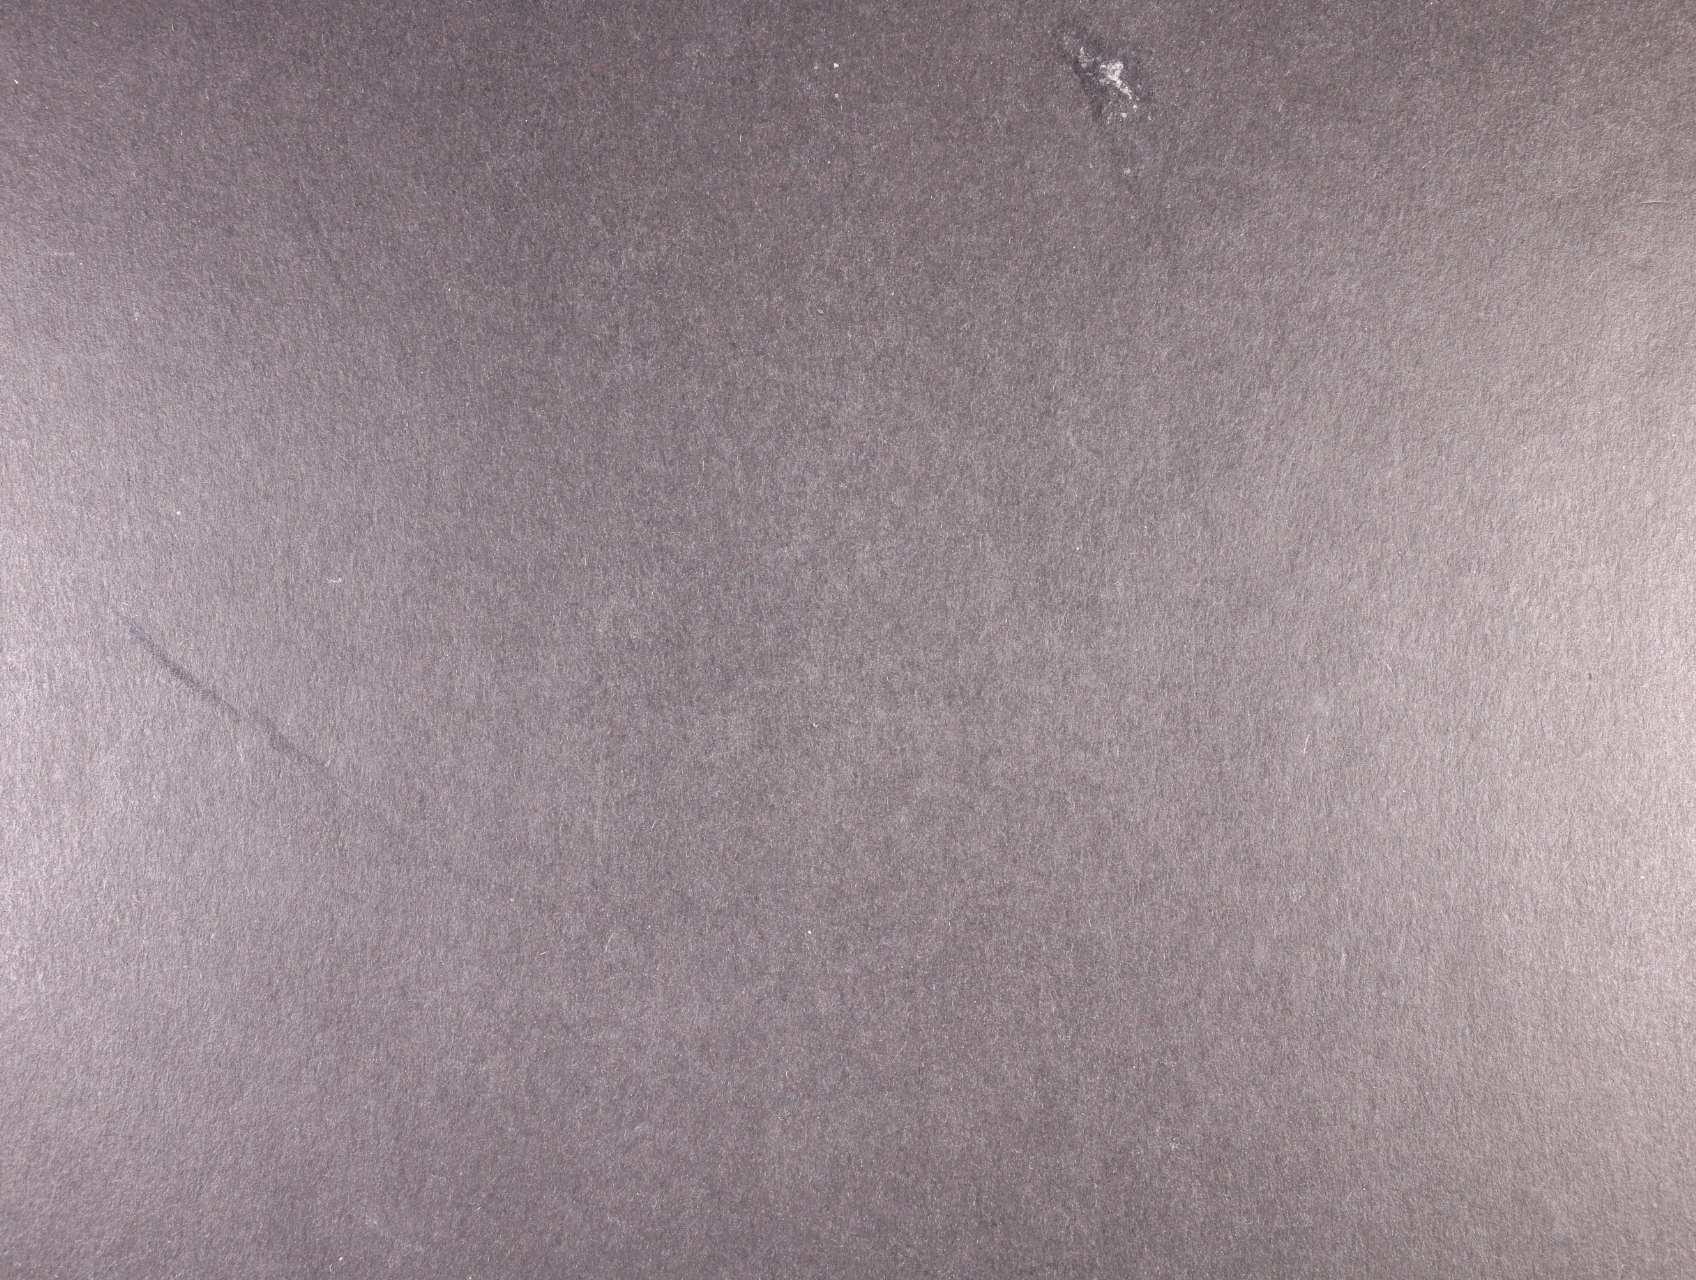 NDR - gen. sbírka zn. z let 1949 - 1990, obsahuje mj. zn. Mi. č. 261 - 70, 286 - 8, kat. cena více jak 2600 EUR, uloženo z části na listech Pofis v pér. deskách a ve čtyřech ztásobnících, zajímavé